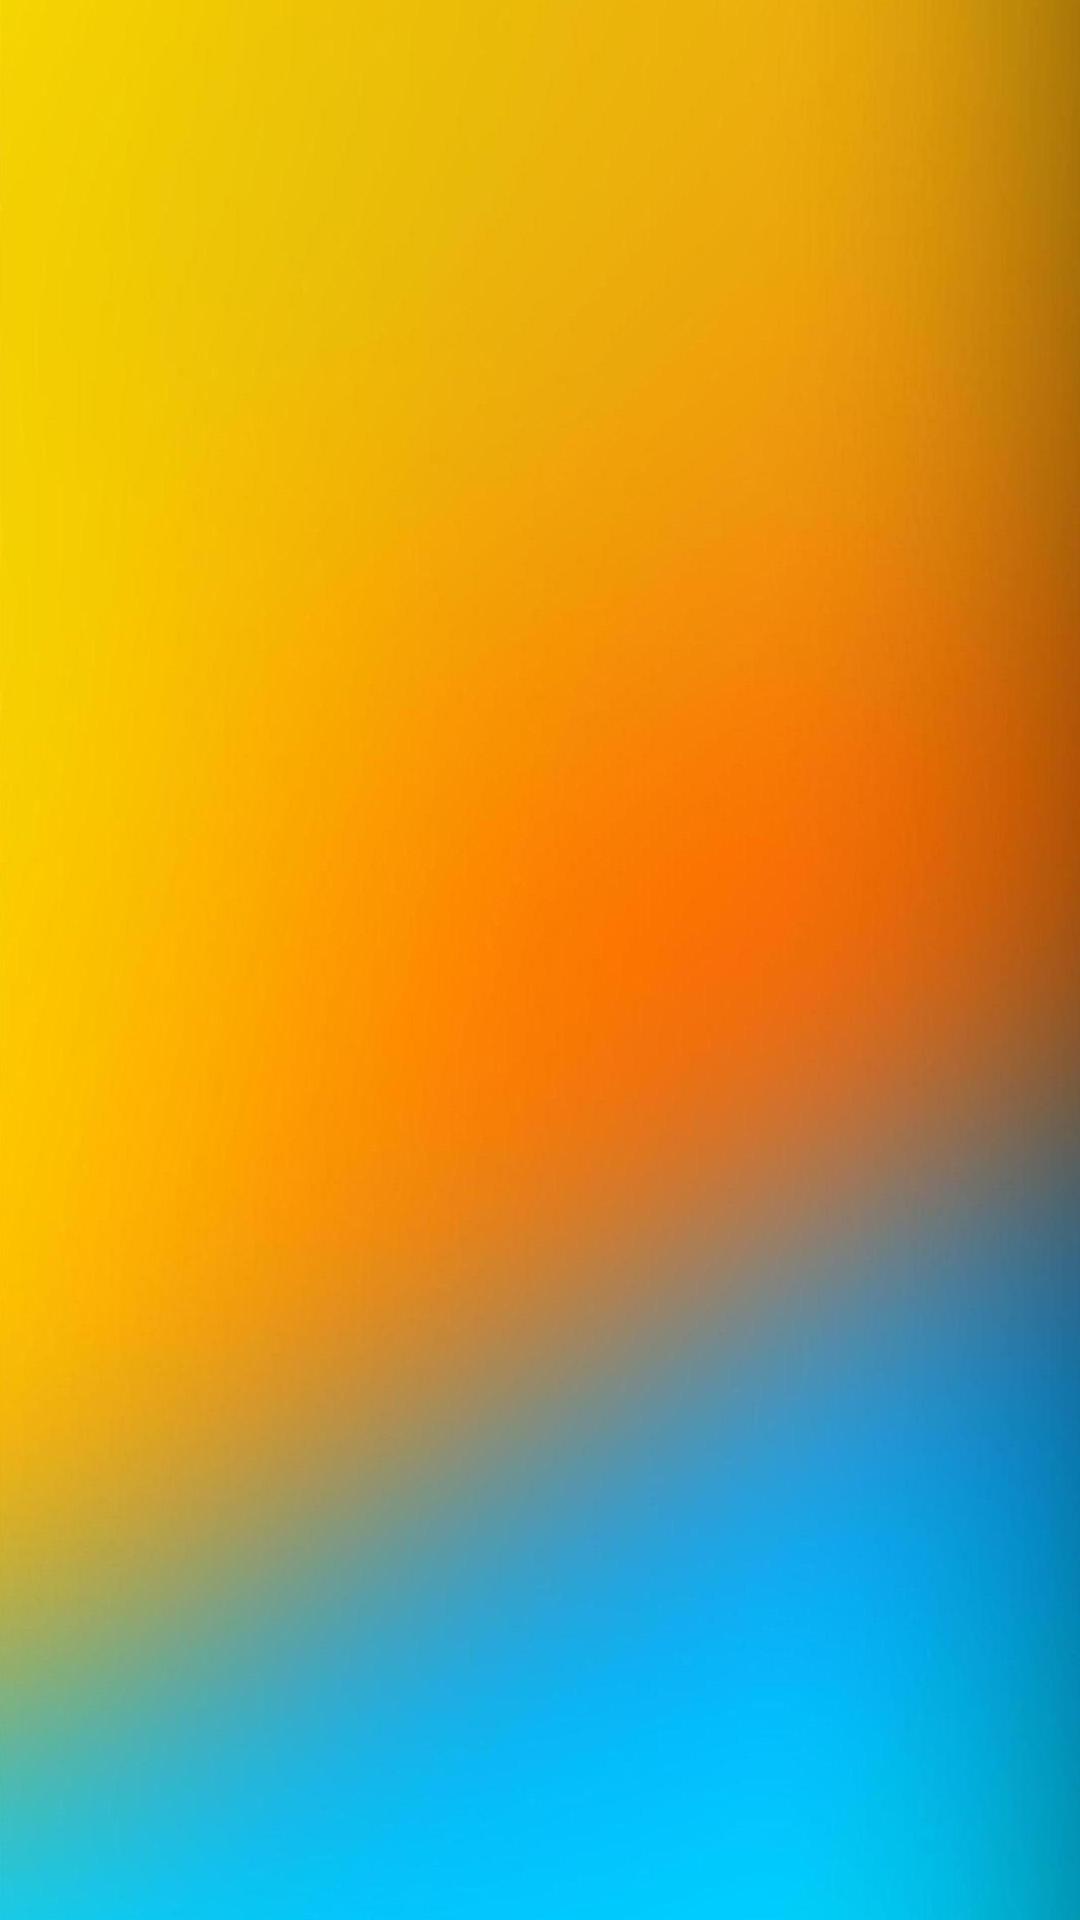 Samsung Iphone 7 Wallpaper Gradient 1000508 Hd Wallpaper Backgrounds Download